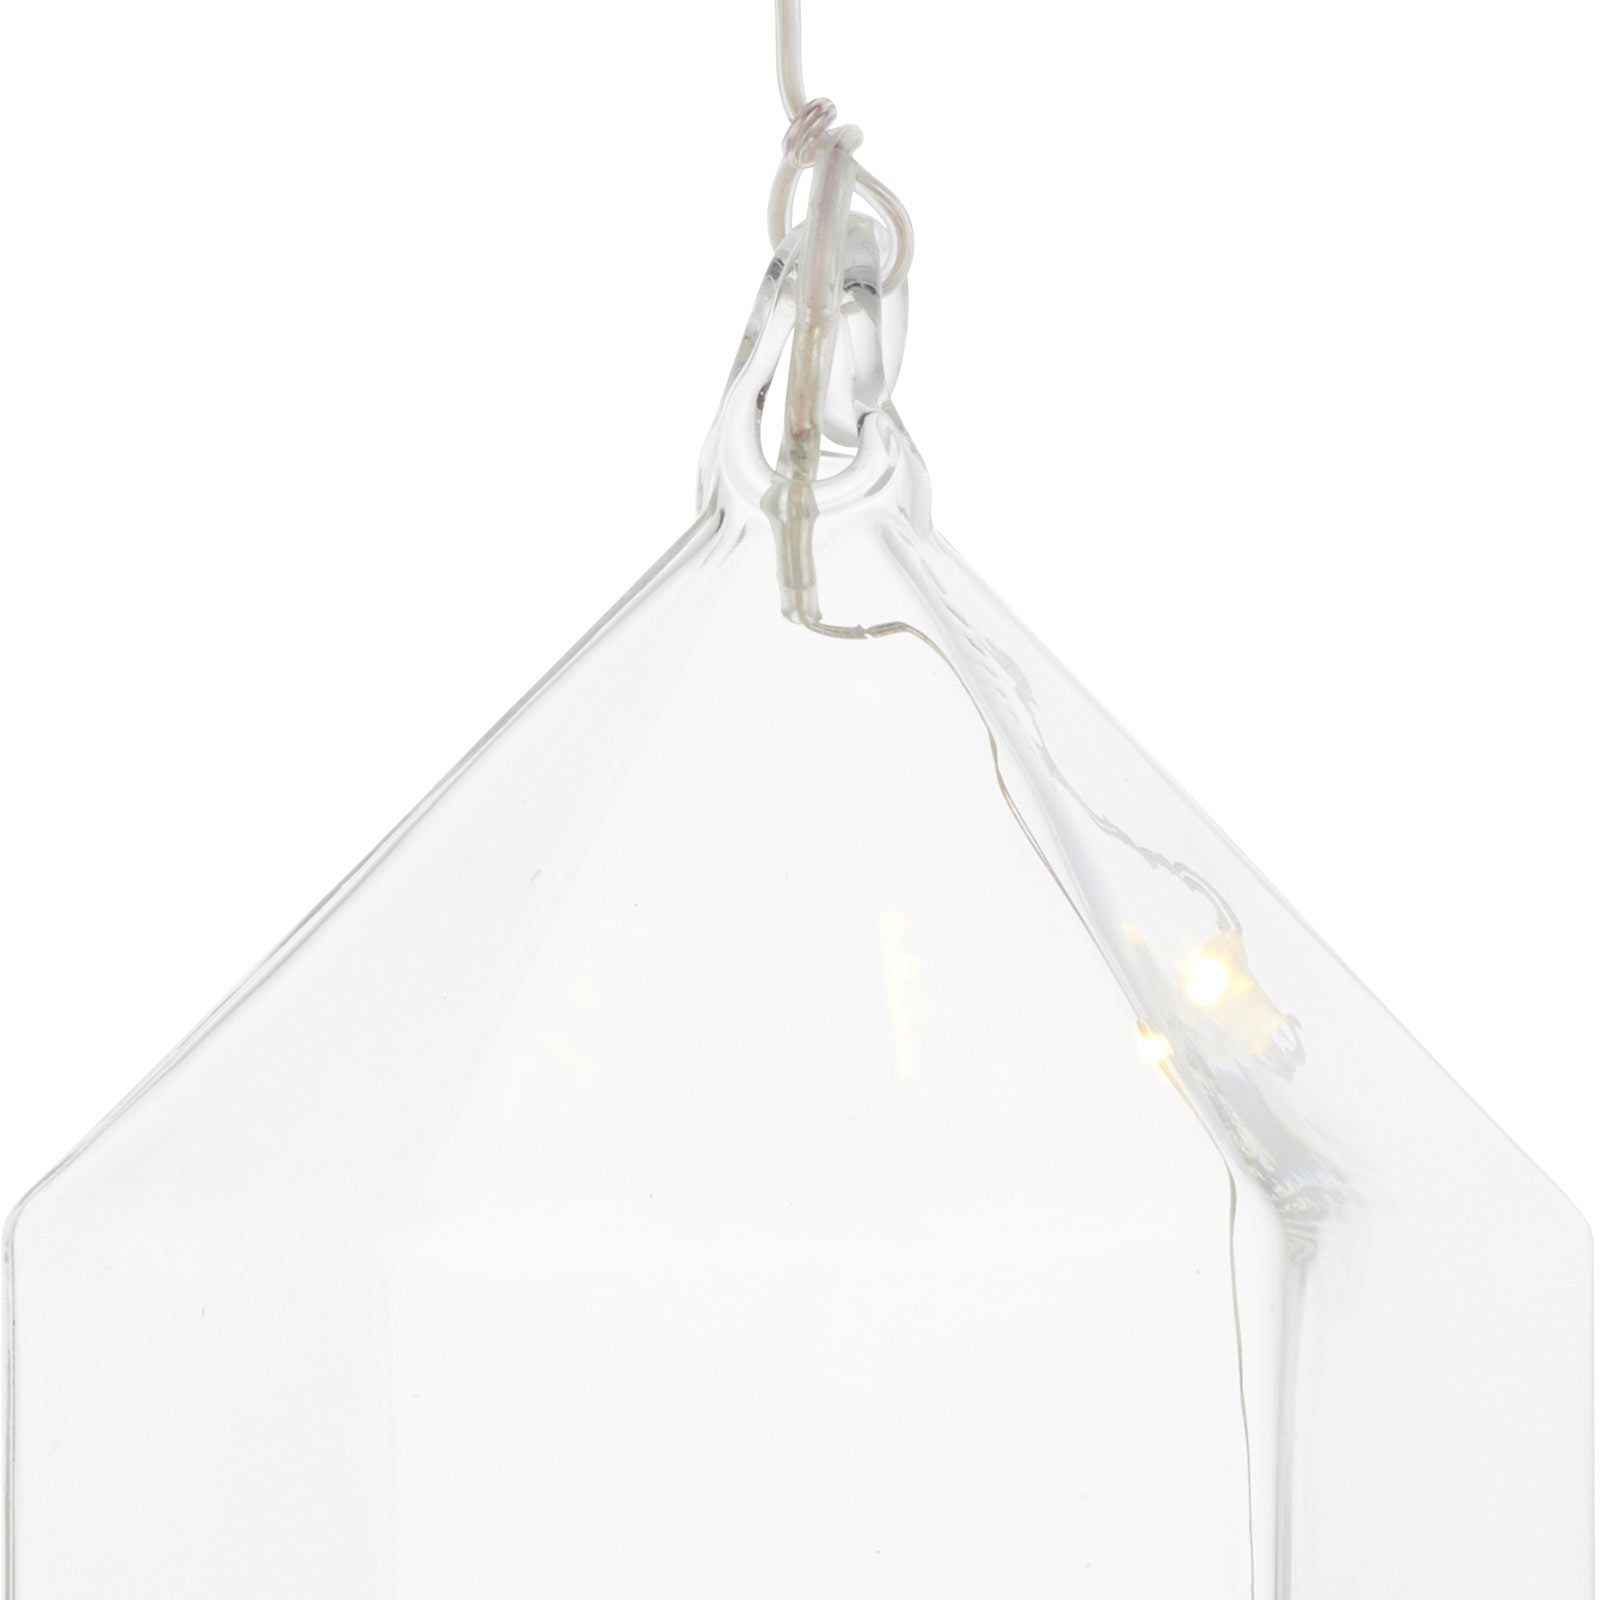 Suspension déco LED Rebecca House, hauteur 11cm